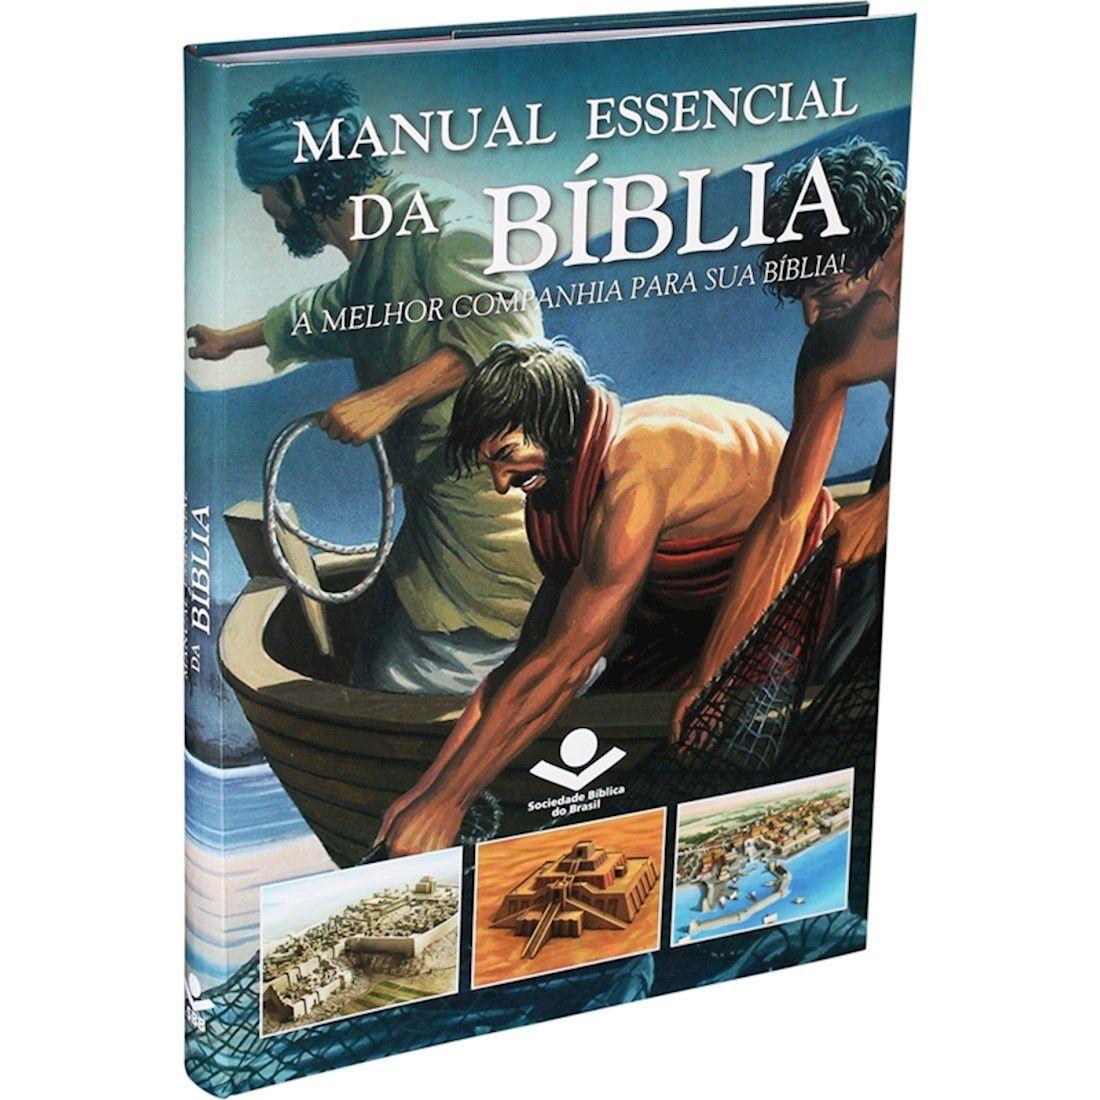 Livro Manual Essencial Da Bíblia: A Melhor Companhia Para Sua Bíblia!